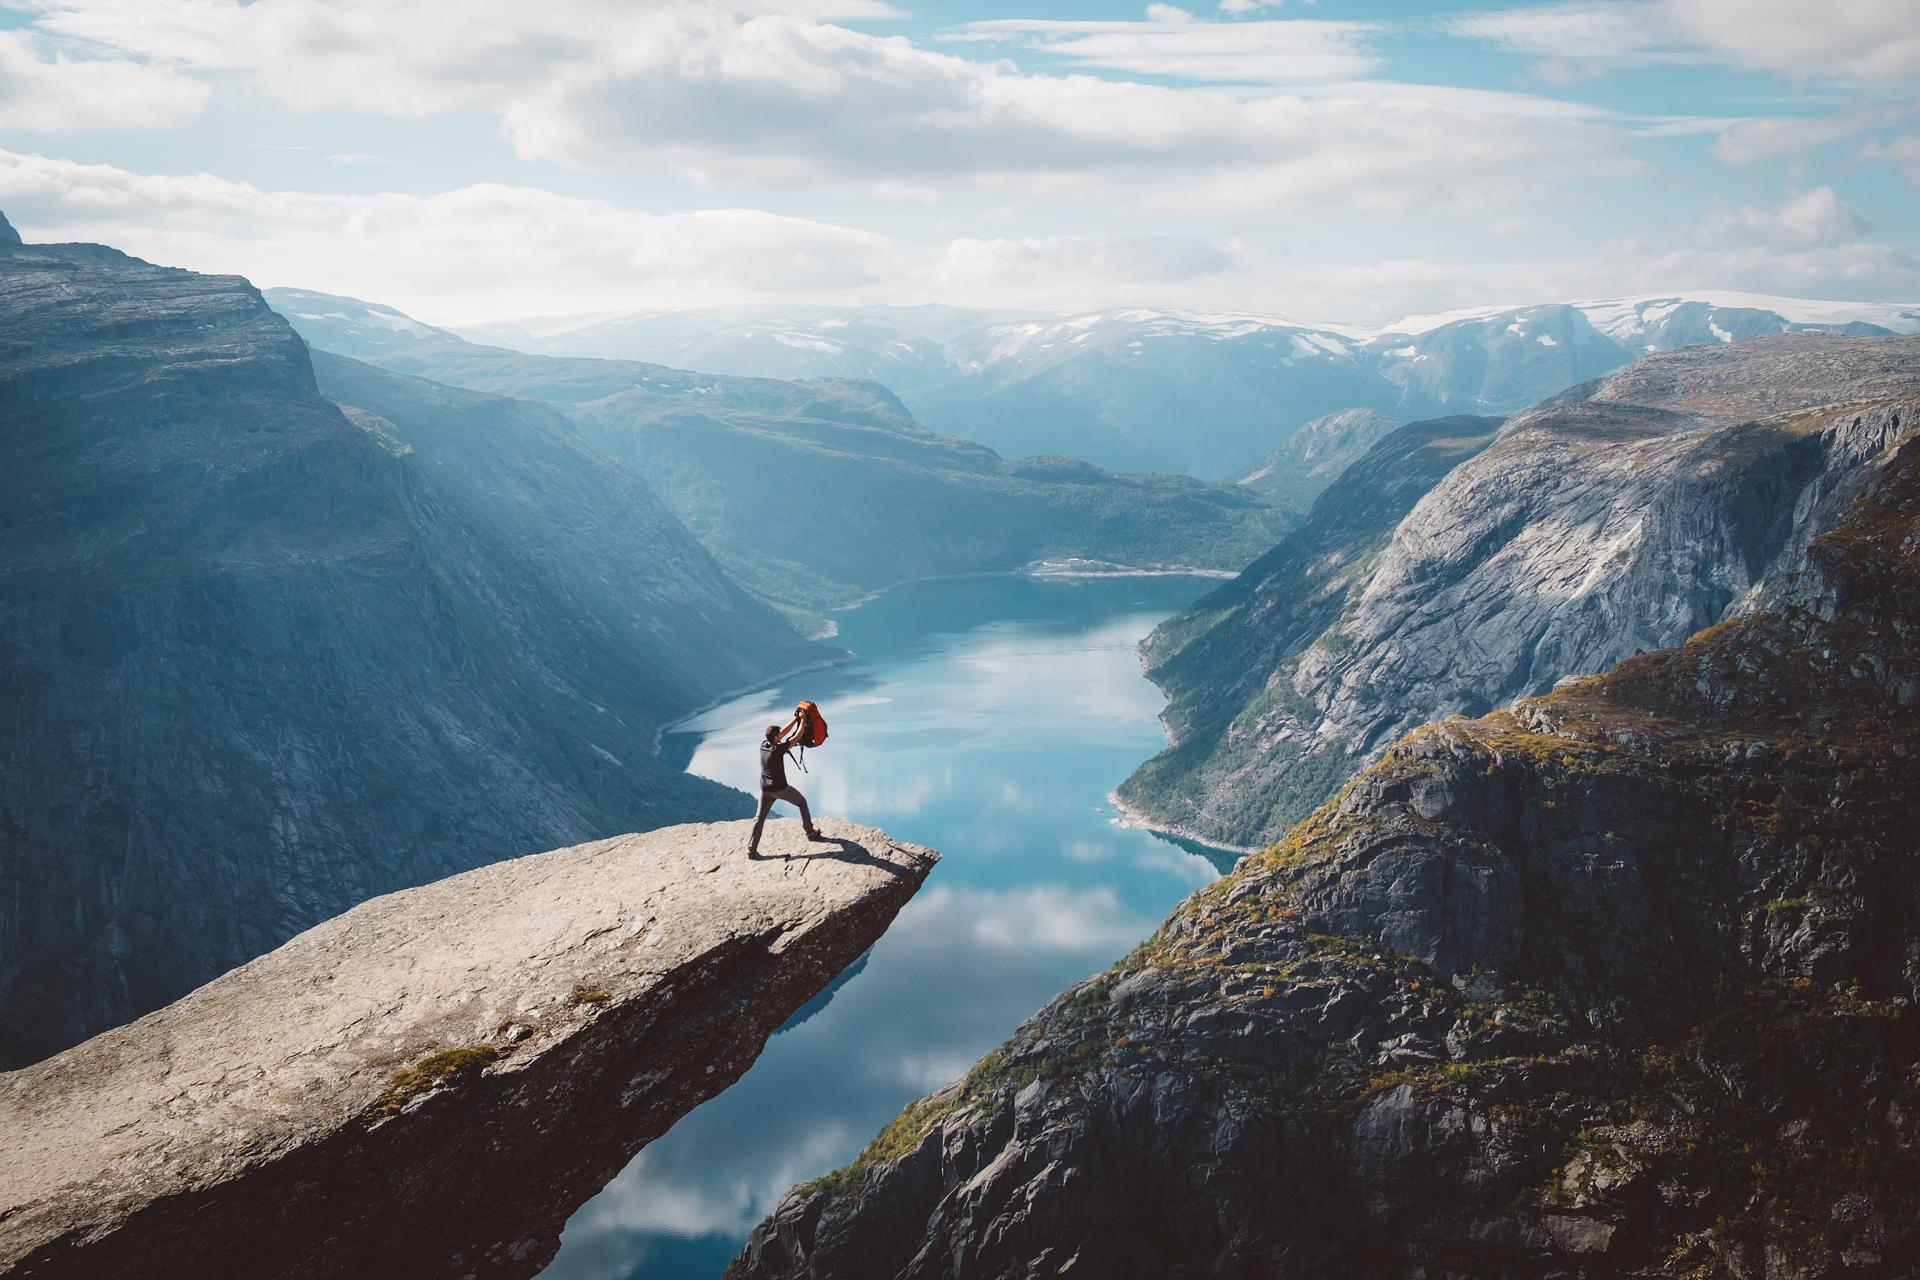 特罗尔通加,挪威,峡湾,远足,哈当厄尔峡湾